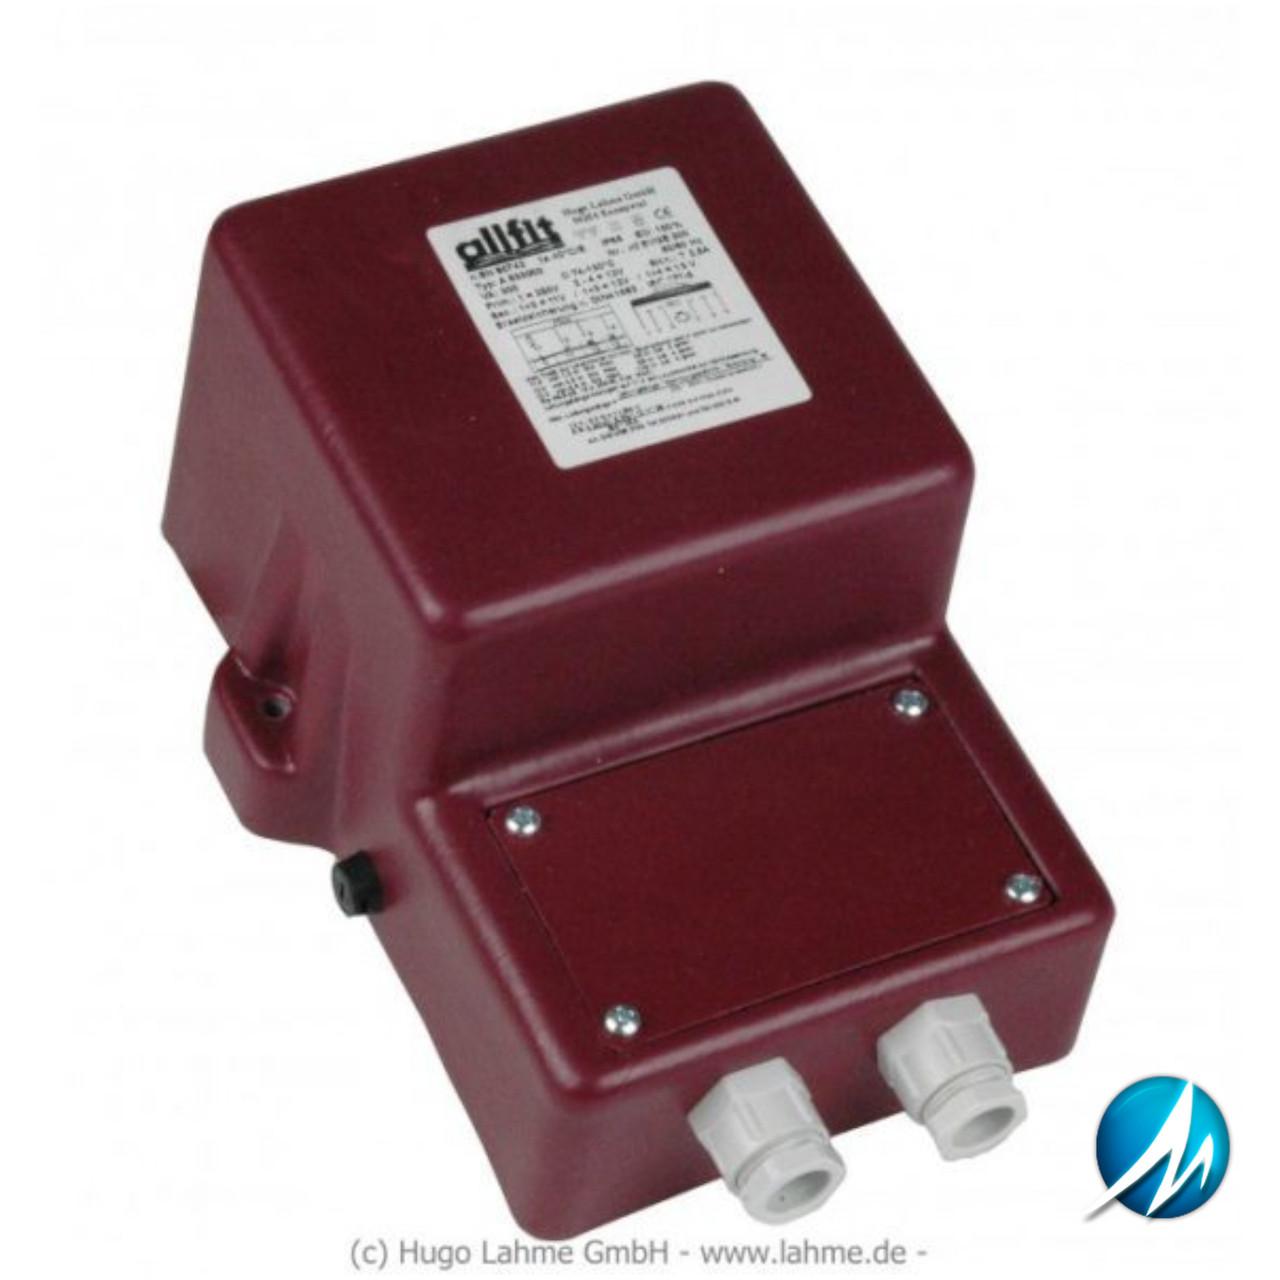 Трансформатор для светодиодных прожекторов 230V AC/30 V DC